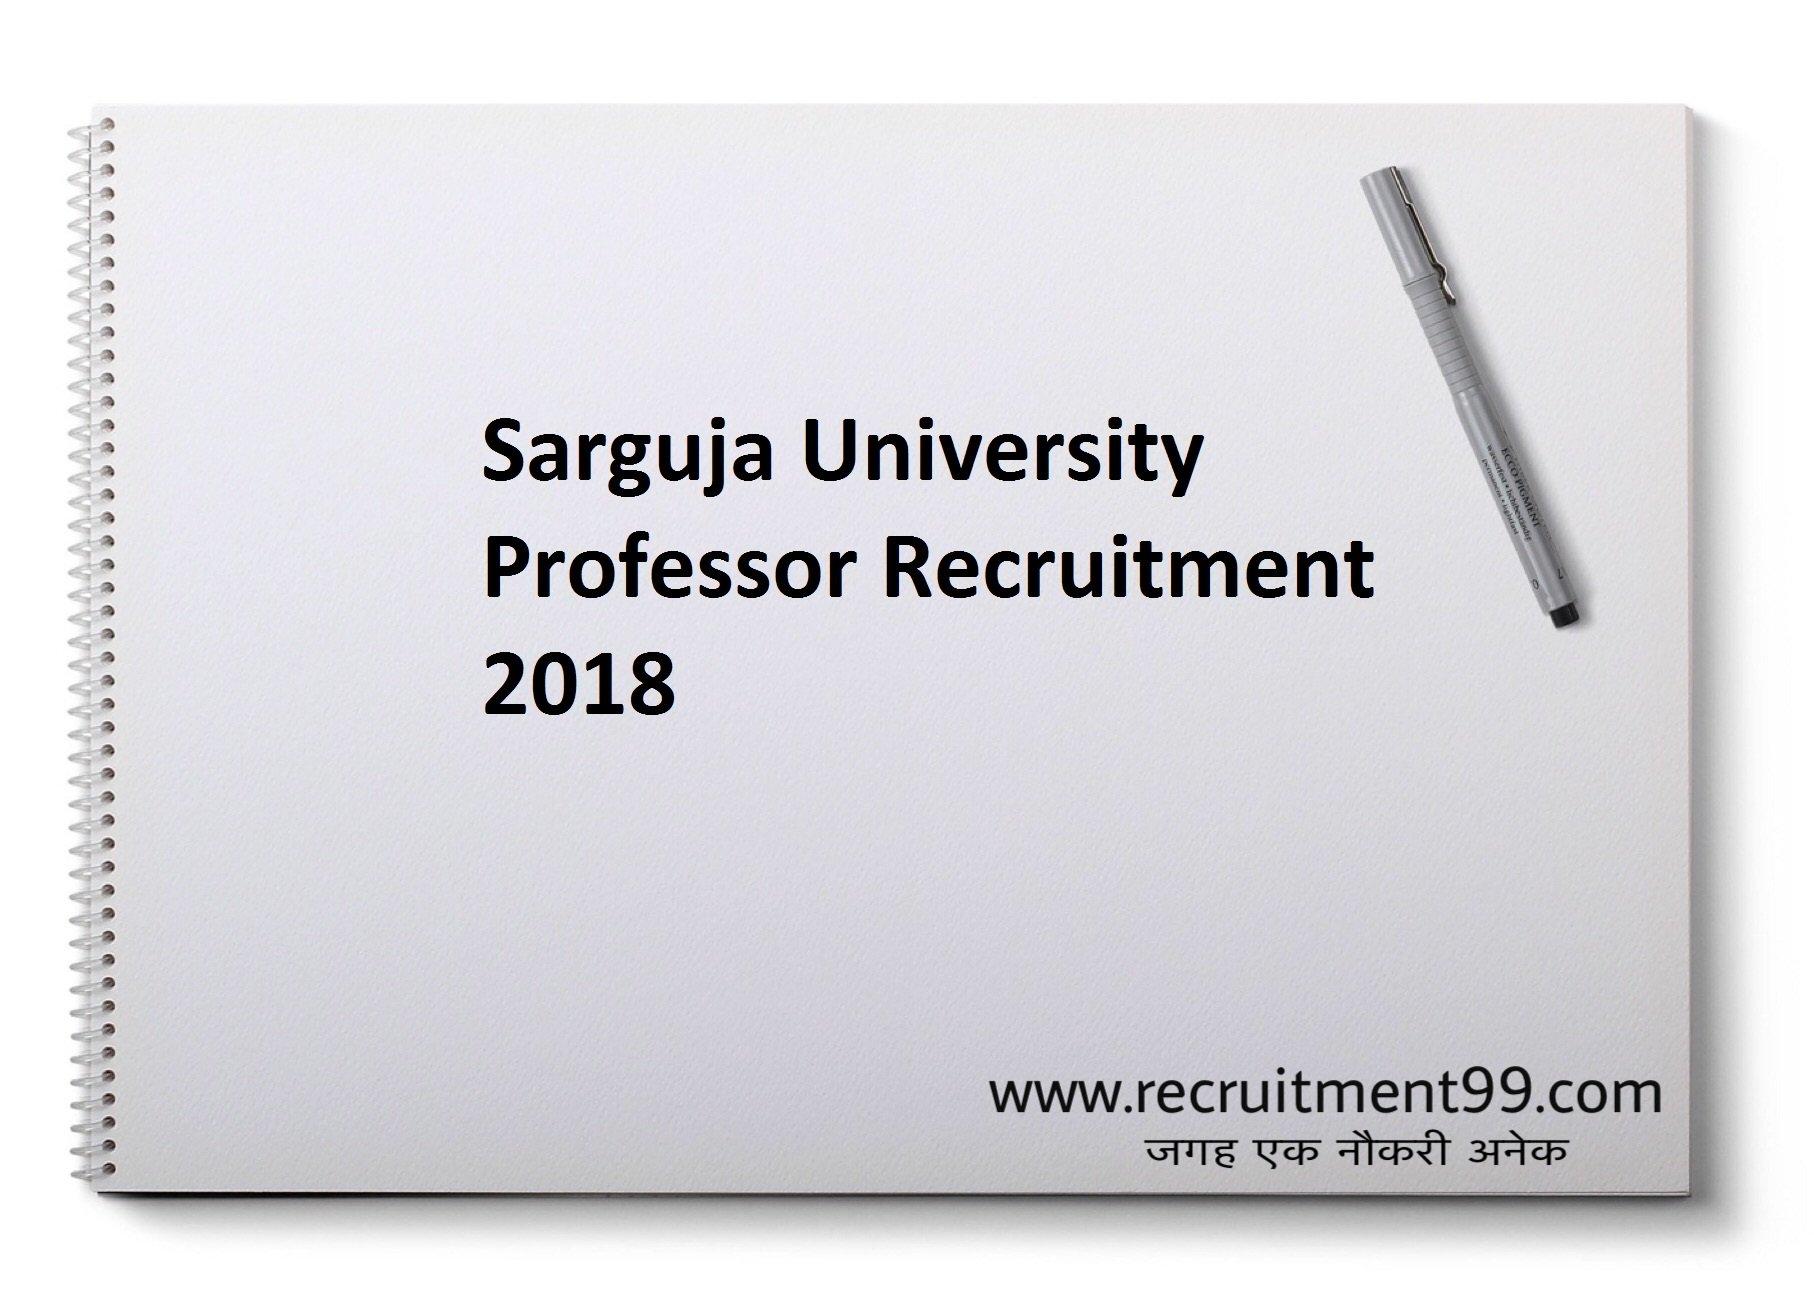 Sarguja University Professor Recruitment Admit Card Result 2018